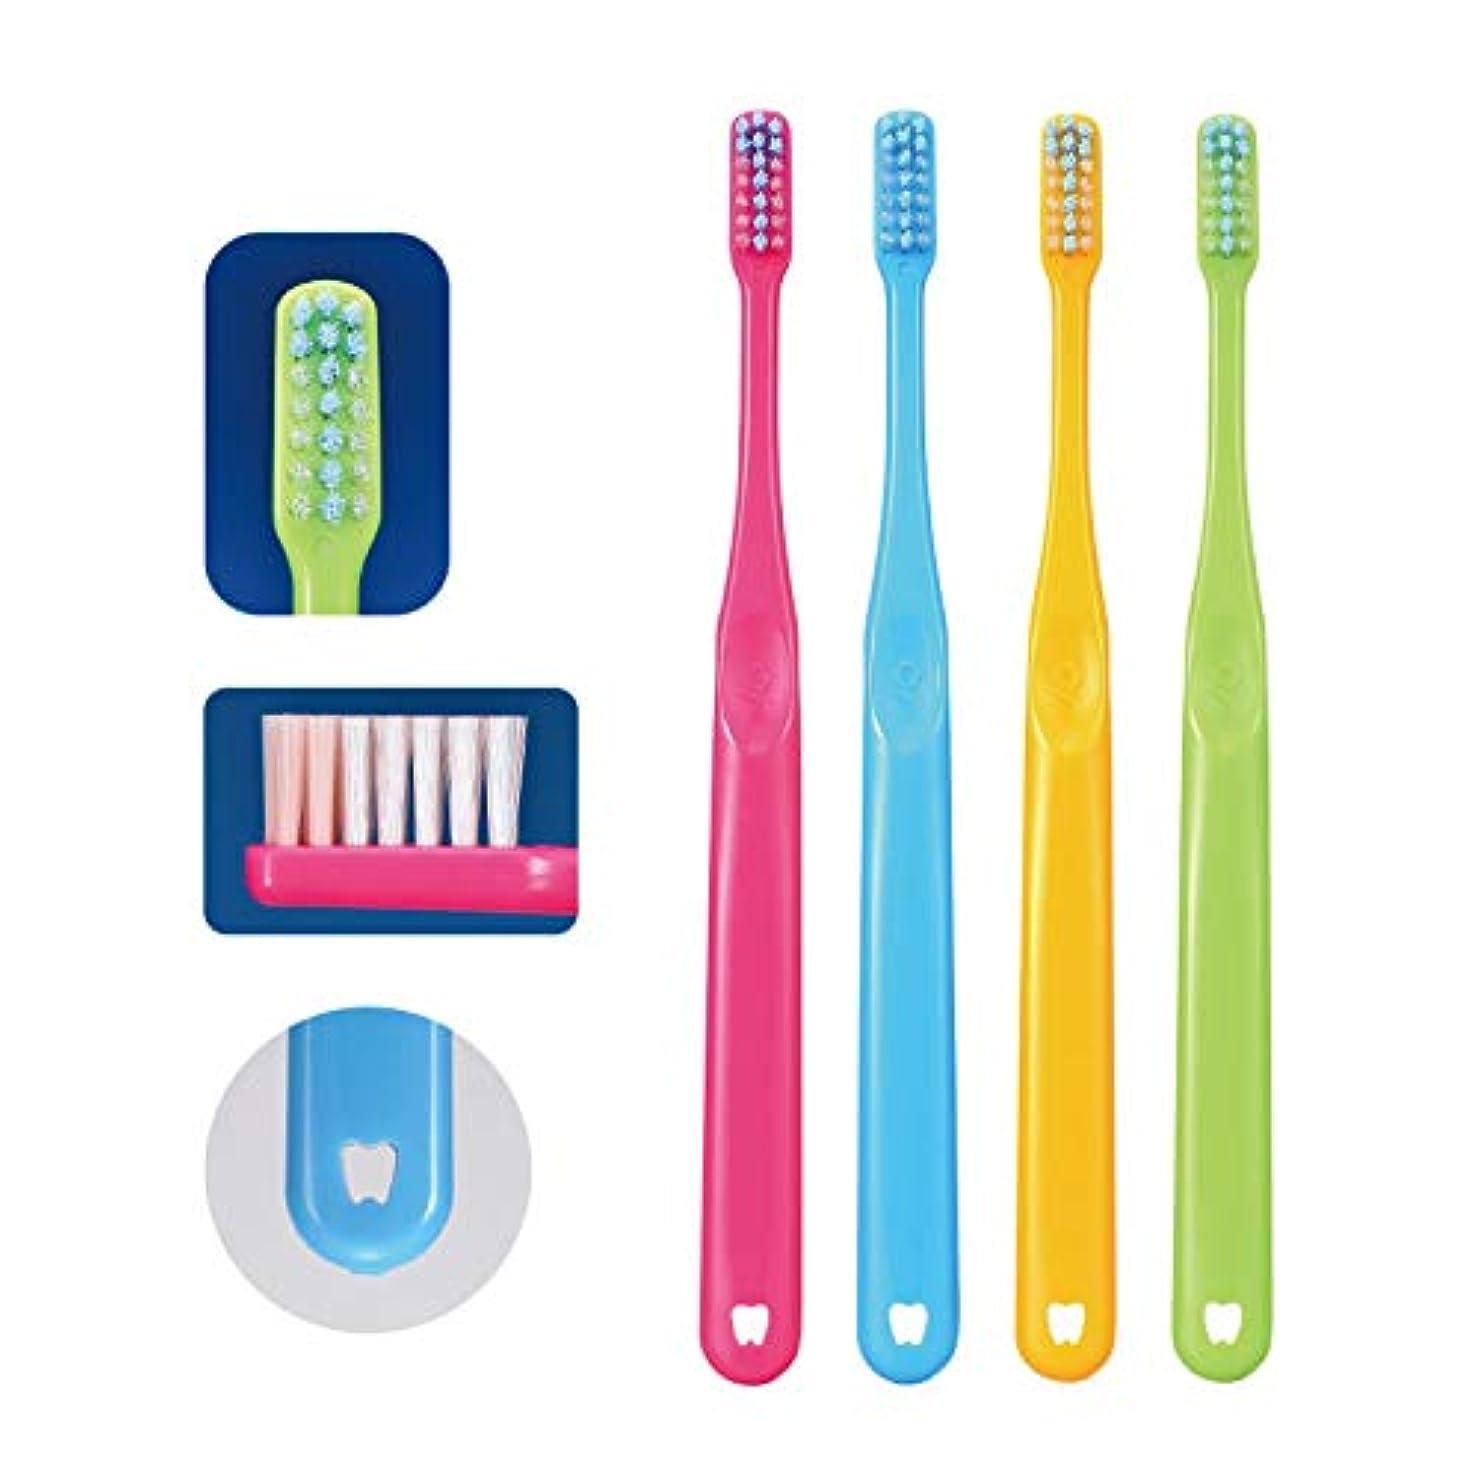 管理者恩赦準備Ci PRO PLUS プロプラス 歯ブラシ 20本 S(やわらかめ) 日本製 プラーク除去 歯科専売品